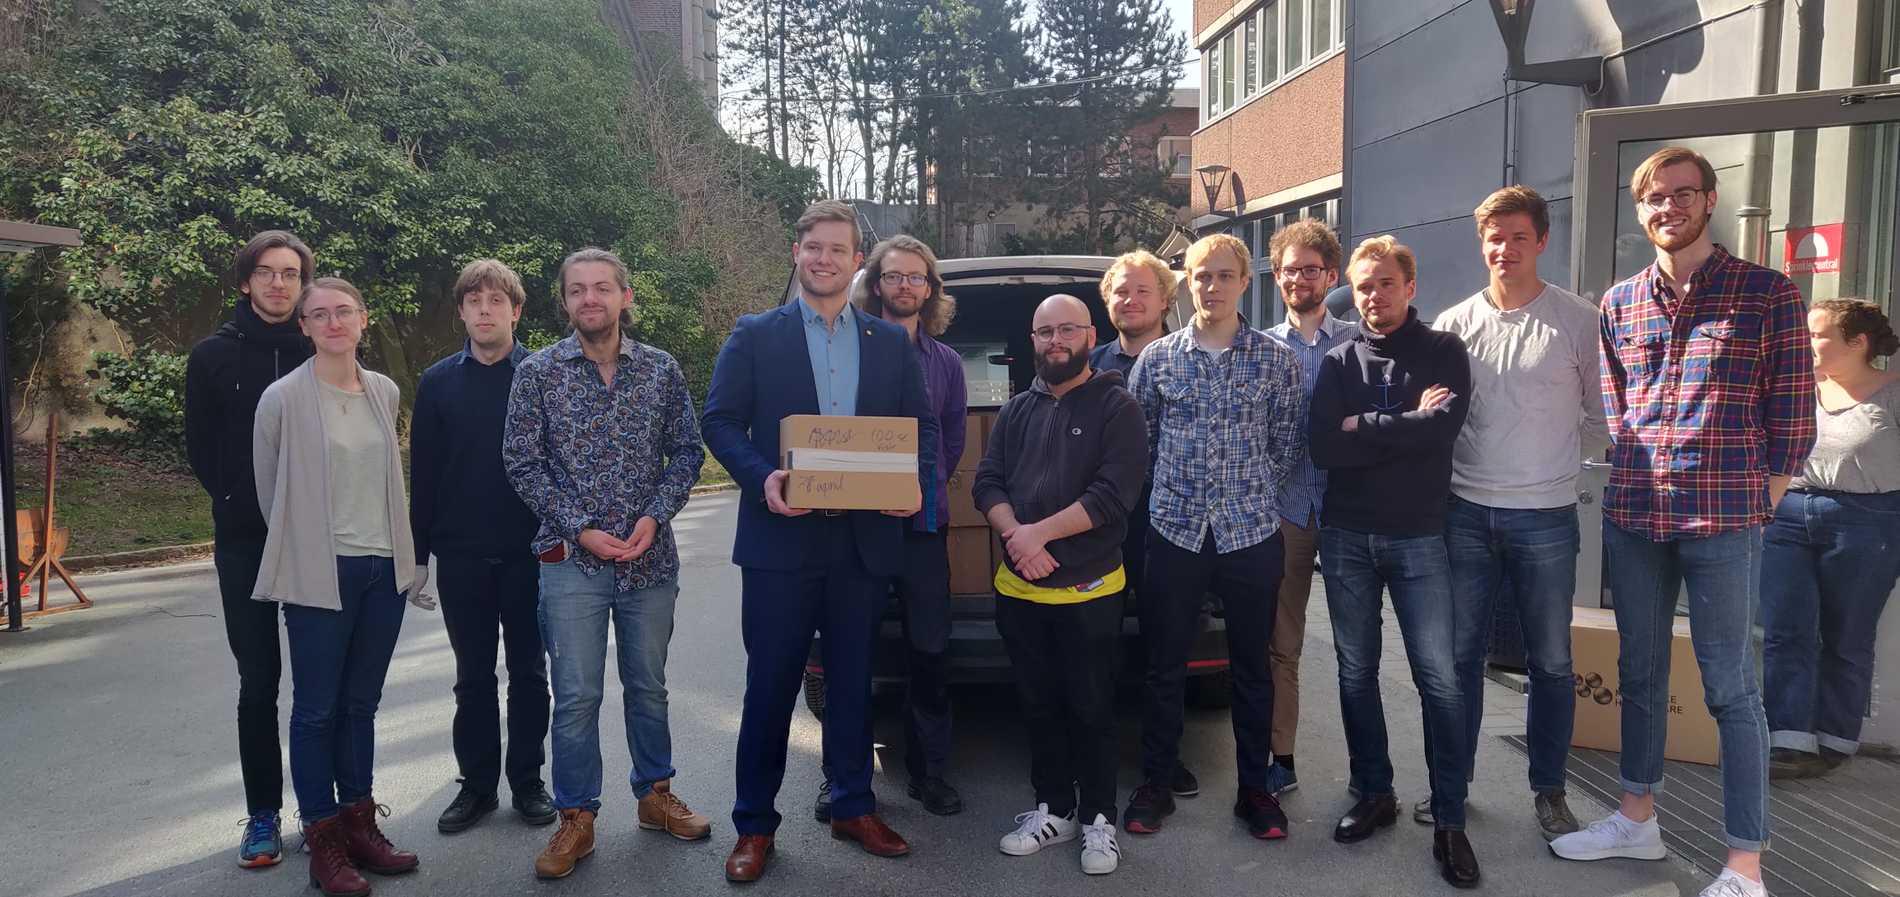 Edward Hadziavdic och Marcus Örtenberg Toftås tillsammans med kollegor och klasskamrater på Chalmers tekniska högskola.